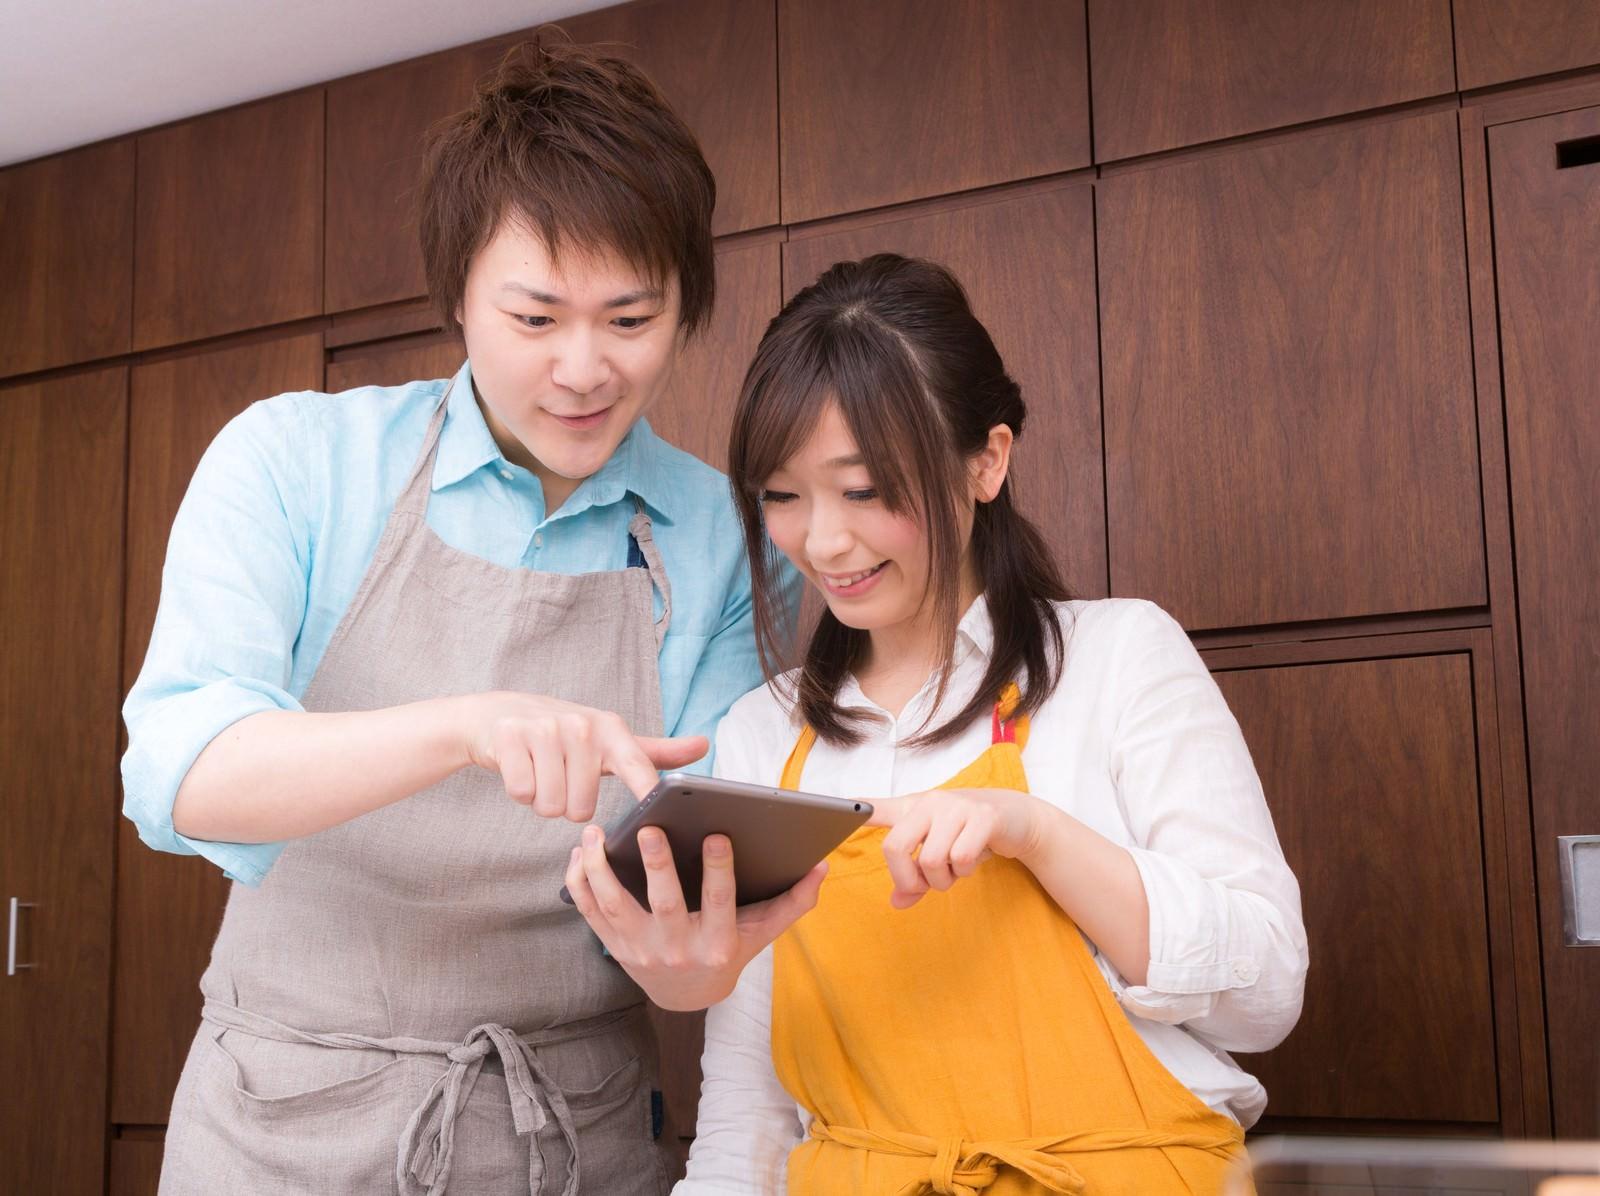 「タブレットを見ながら今日のレシピを調べる夫婦」の写真[モデル:五十嵐夫妻]